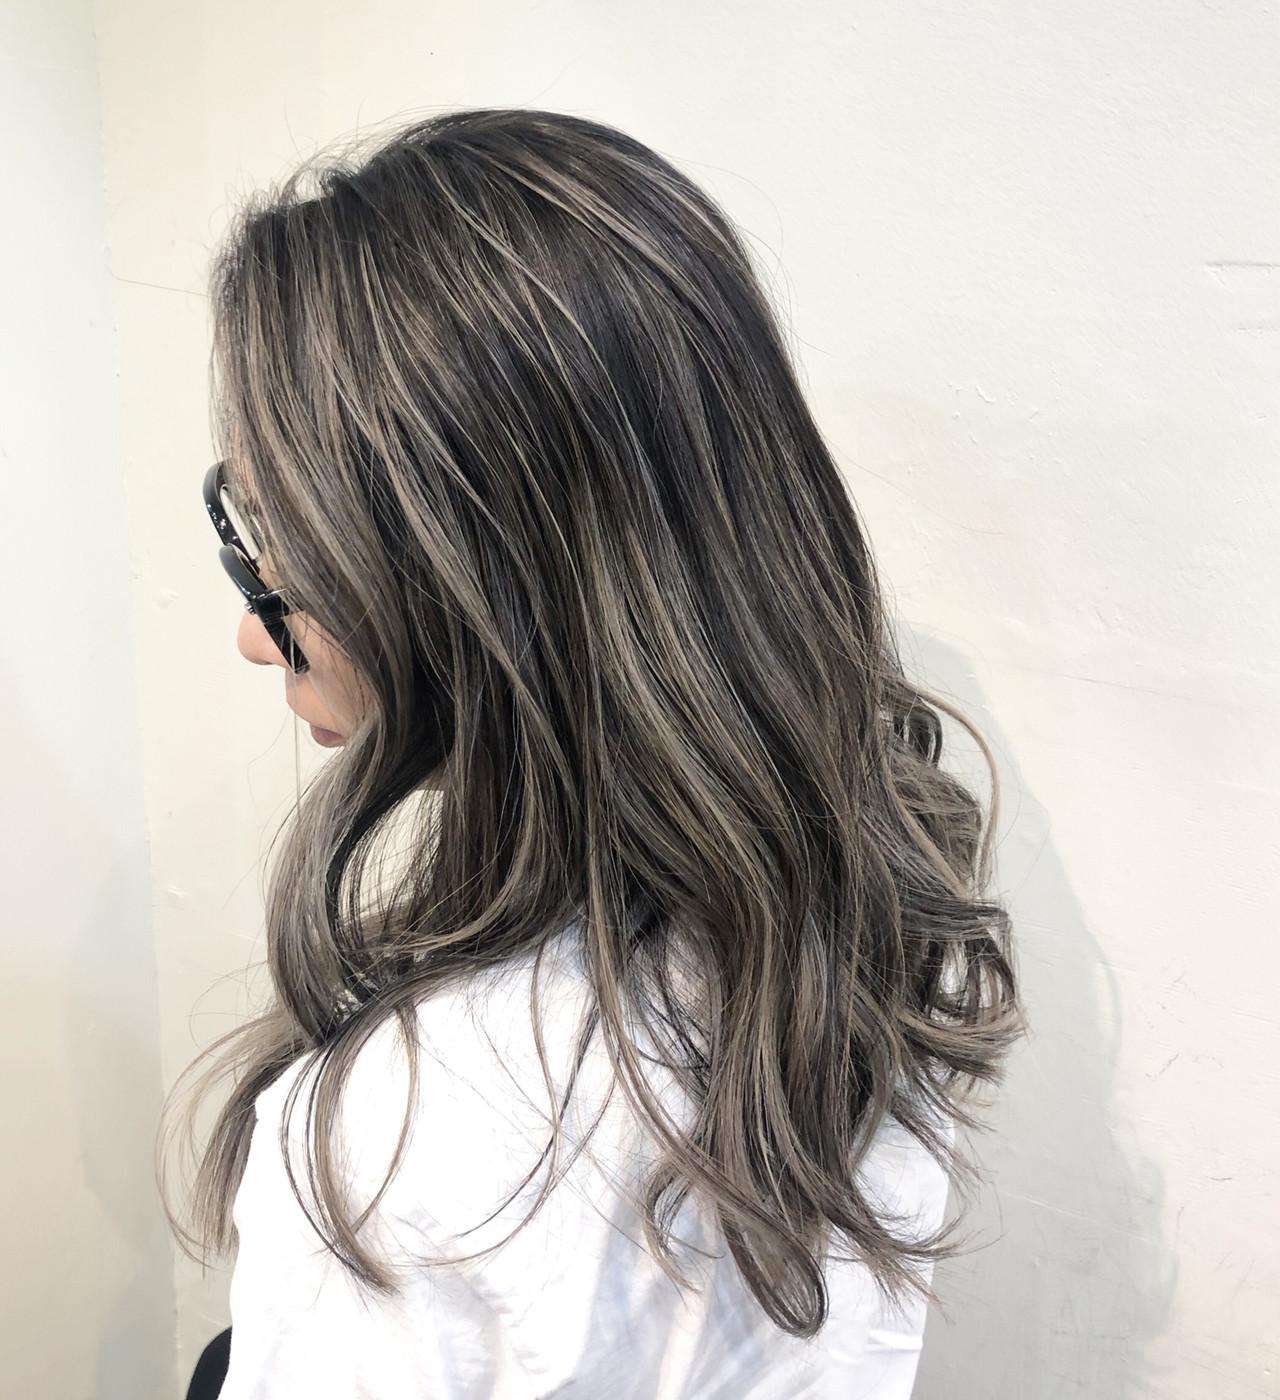 バレイヤージュ ハイライト インナーカラー ナチュラル ヘアスタイルや髪型の写真・画像 | RUMINA //高田ゆみこ / Rumina